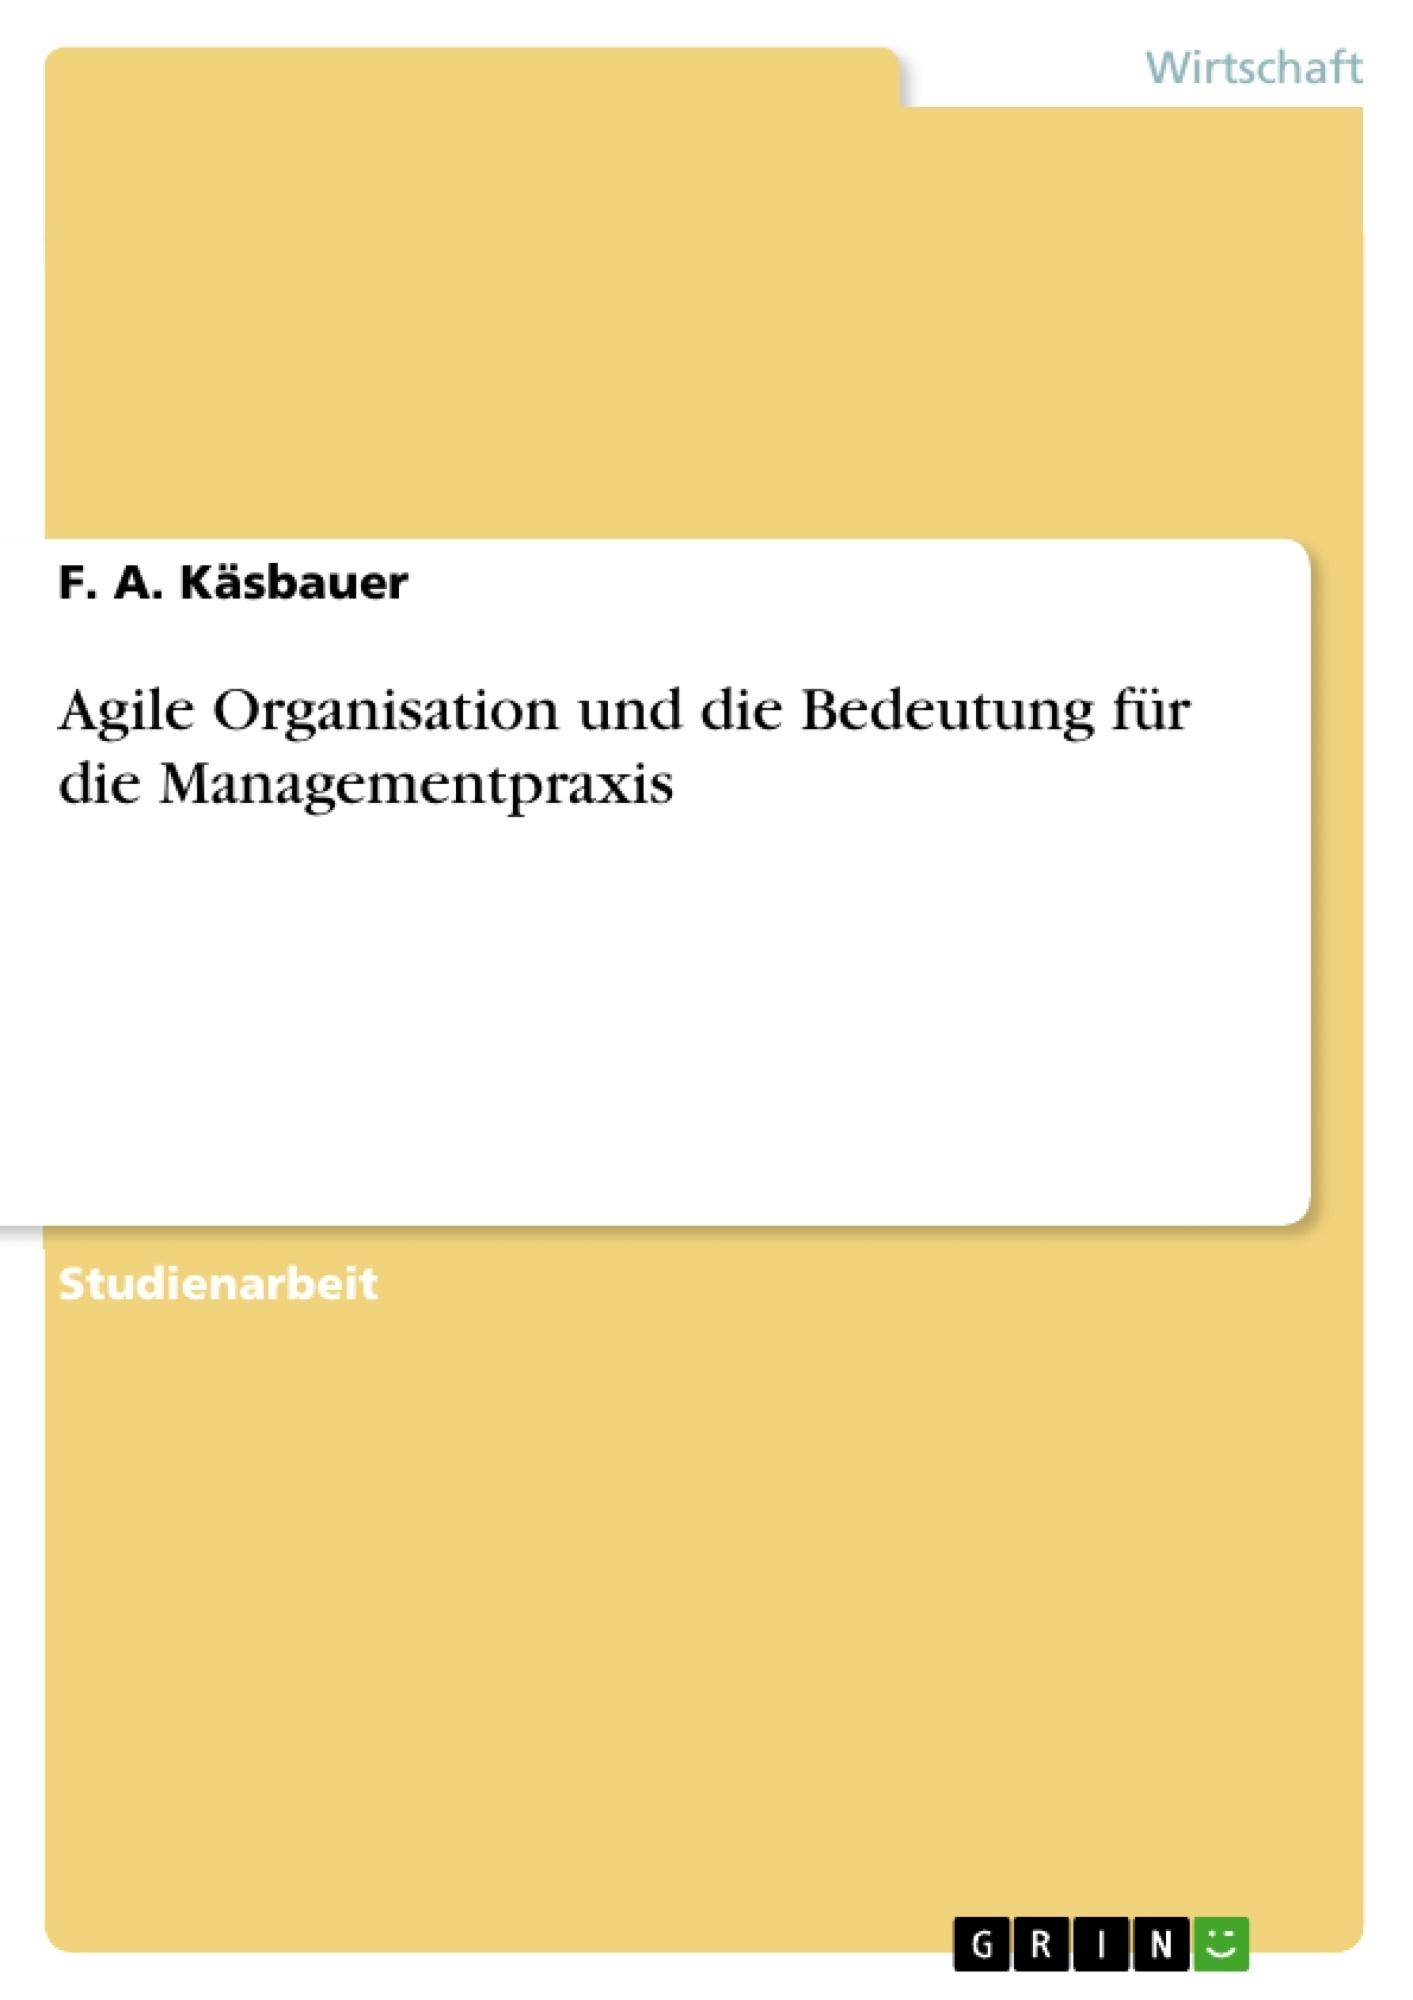 Titel: Agile Organisation und die Bedeutung für die Managementpraxis